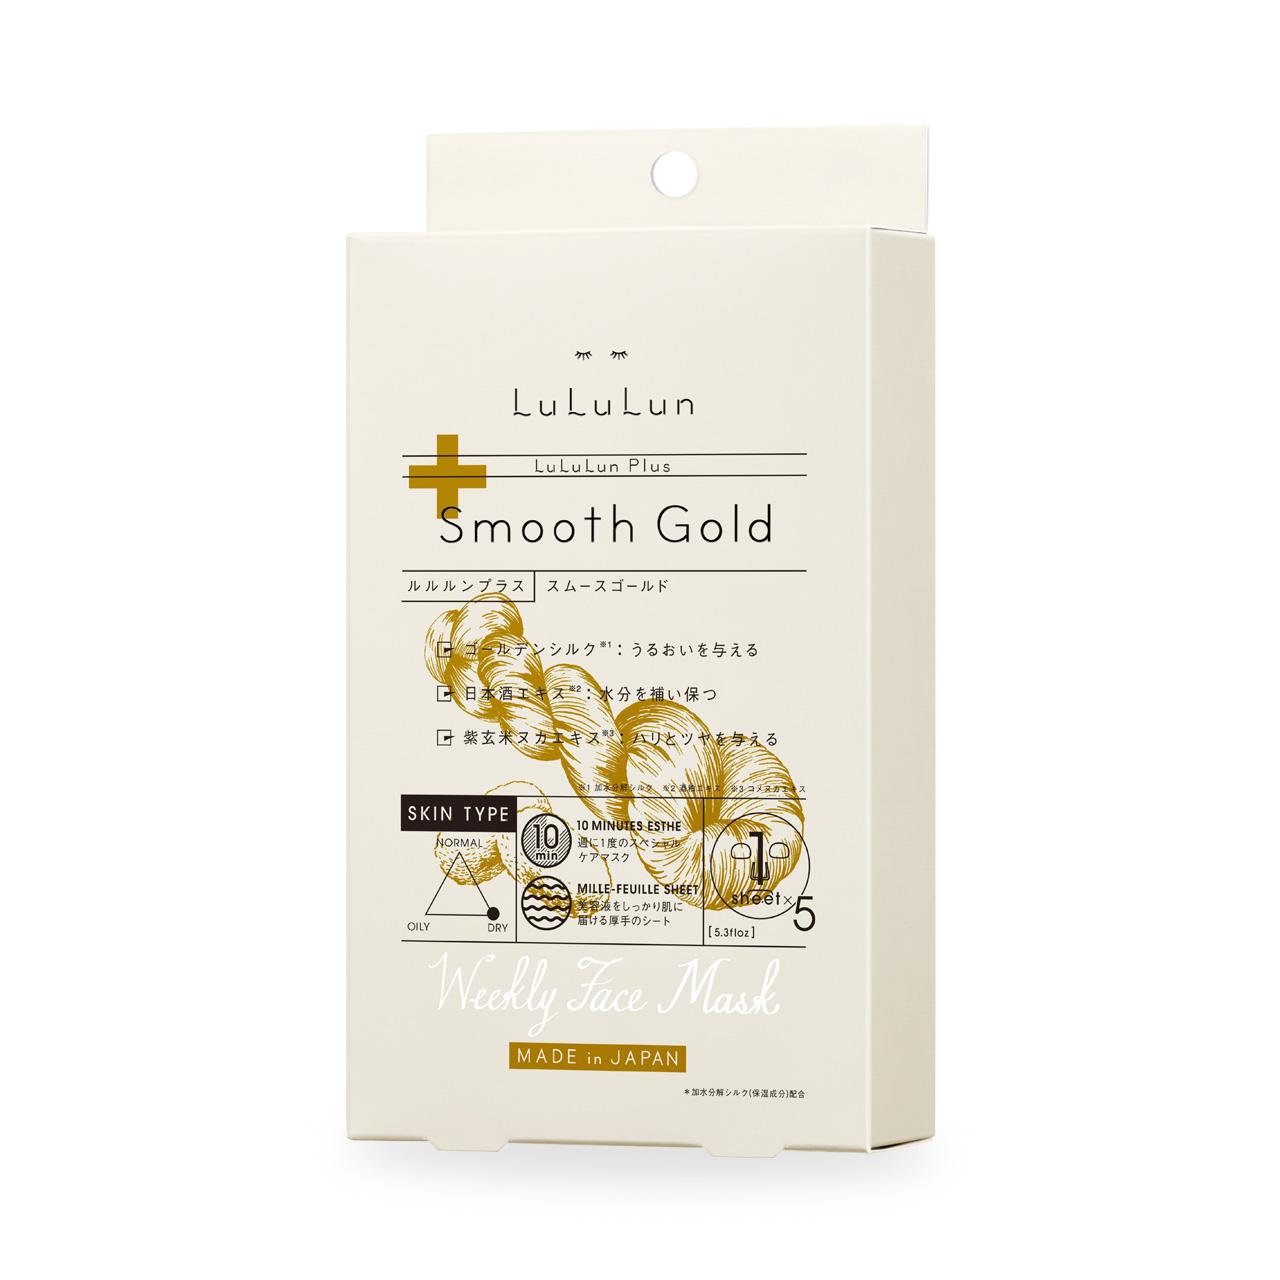 ☆あざやかな金色に輝くシルクの輝きの秘密☆   あざやかな金色のタイ産ゴールデンシルクから抽出されたエキスには、お肌の天然保湿成分・NMF によく似たシルクアミノ酸・セリシンが含まれており、 肌環境を整え、ヒアルロン酸やセラミドをサポートする効果があります。⠀   ✴️厳選された自然の美肌成分⠀ ⠀  ▼高い還元力を有する紫玄米  無肥料・無農薬でも丈夫に育つほどの強い生命力を持つ紫玄米。 紫玄米のヌカから抽出した紫玄米ヌカエキスは、高い還元力を有するポリフェノールの一種・アントシアニンを多く含み、年齢を重ねた大人肌にハリ・ツヤを与えます。⠀ ⠀ ⠀ ▼京都 伏見の日本酒を贅沢配合  豊かな自然と京文化が融合する酒どころ京都 伏見でつくられた日本酒の酒粕からできた日本酒エキスを贅沢配合しました。 発酵過程で生まれるセラミドと糖が、角質層のすみずみまでうるおいで満たし、お肌のバリア機能をサポートします。⠀ ⠀  ✳️10 分間の、パワー浴。⠀ ⠀ 3層構造のミルフィーユシート⠀ 時間をかけて美容液を浸透させるフェイスマスクの特性をさらに深めたシート。 肌の内側に成分をとどけ*、肌すみずみまで集中トリートメント。 ※角質層まで⠀ ⠀  #ThePowerMask, #ネイチャーマスク, #ルルルンプラス #スムースゴールド, #lululun, #facemask, #skincare #cosme, #beauty, #ルルルン, #フェイスマスク #スキンケア, #コスメ, #ビューティ, #LuLuLunPlus     💕ルルルン公式SNS💕 新商品ニュースも配信中ᵕ ᵕ♪ Instagram:https://www.instagram.com/lululun_jp/ Twitter:https://twitter.com/lu3jp Facebook:https://www.facebook.com/lu3jp